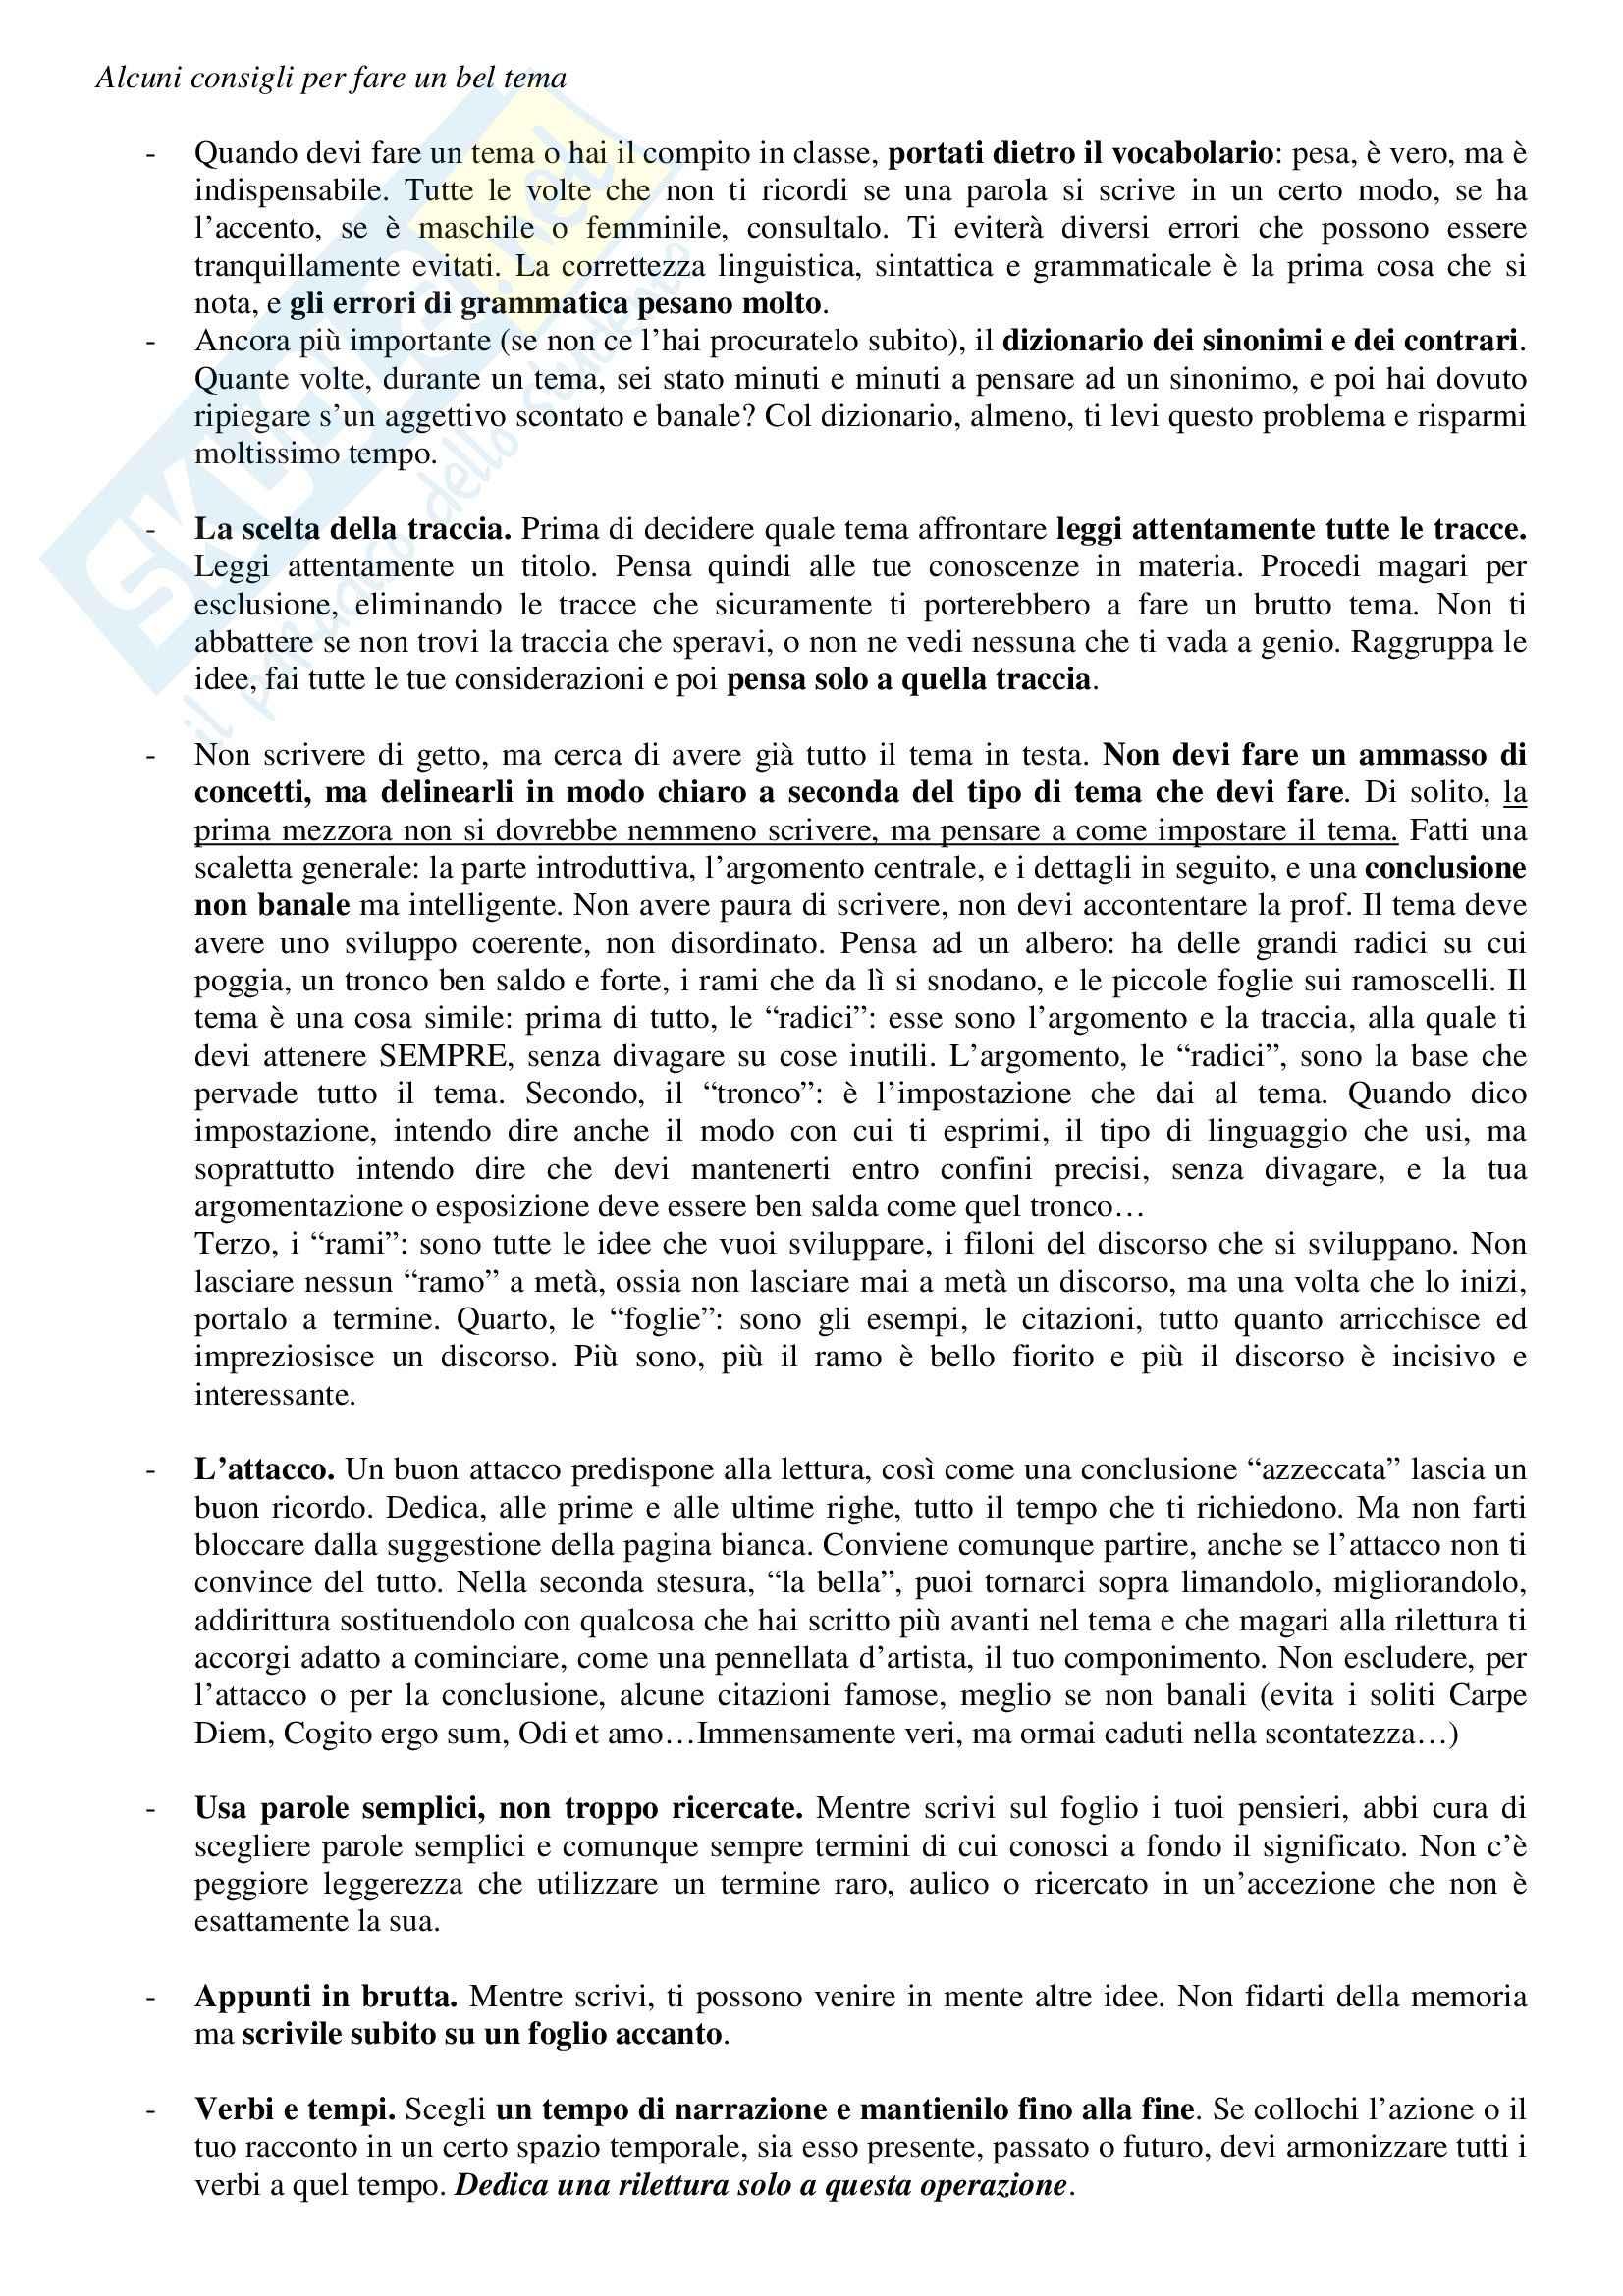 Letteratura e lingua italiana - come fare un tema